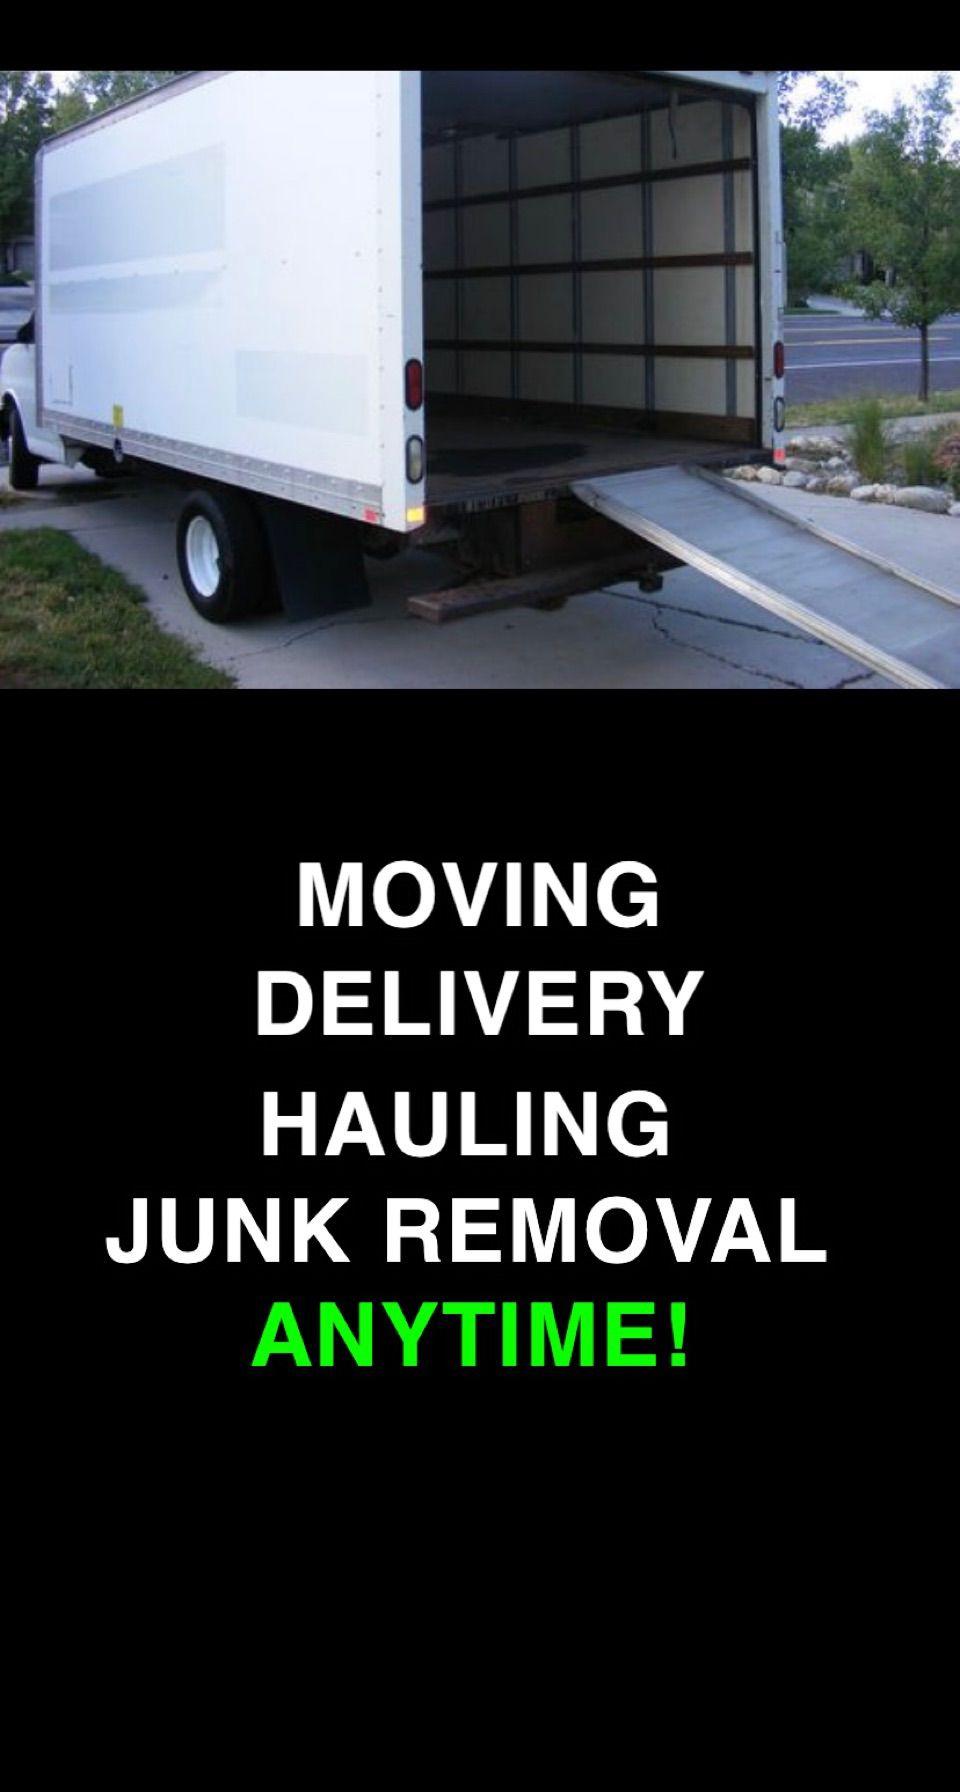 BIG AL's MOVING & HAULING SERVICE